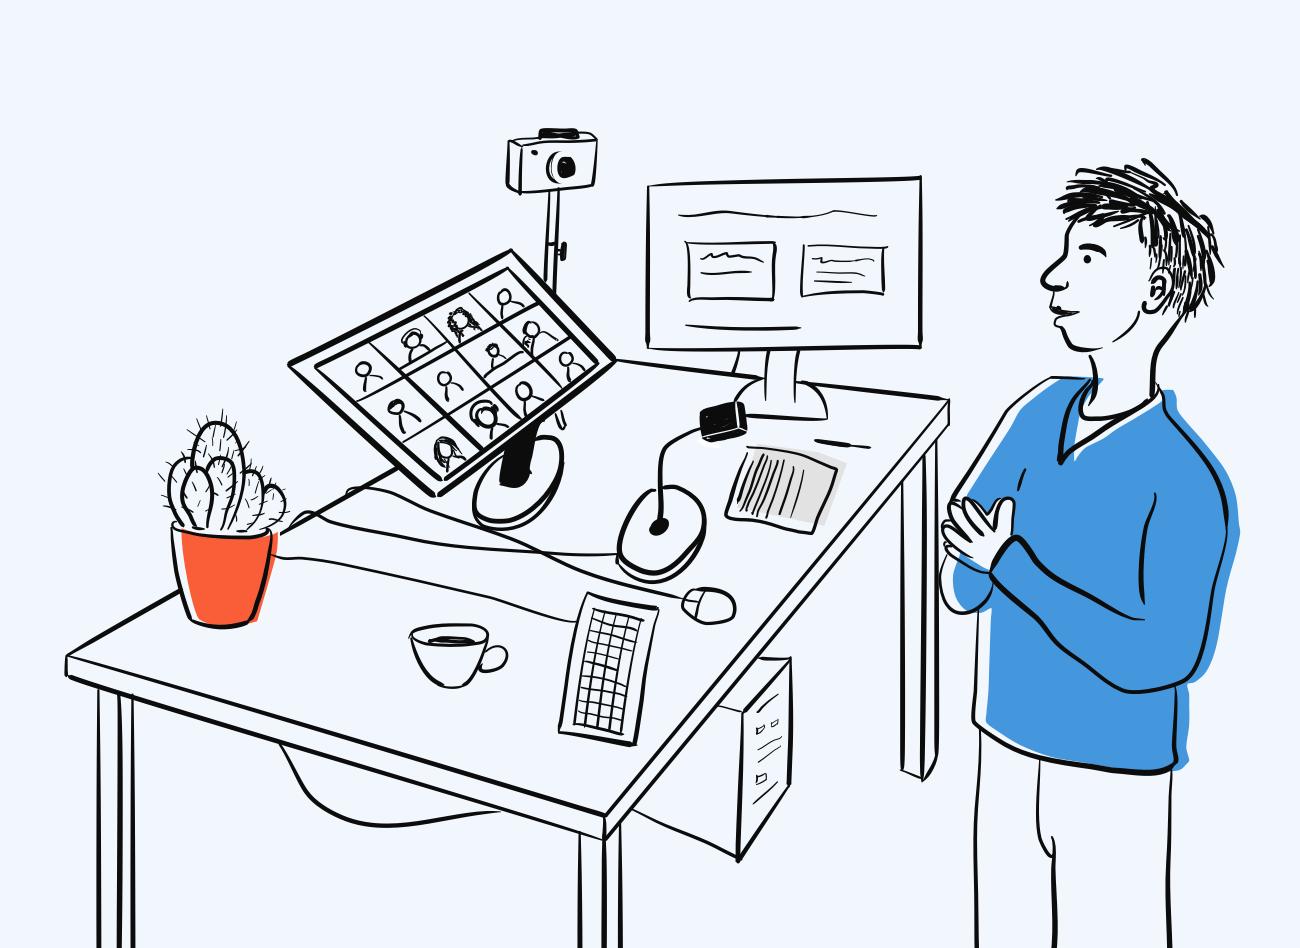 Vīrietis skatās uz monitoru un runā ar cilvēkiem